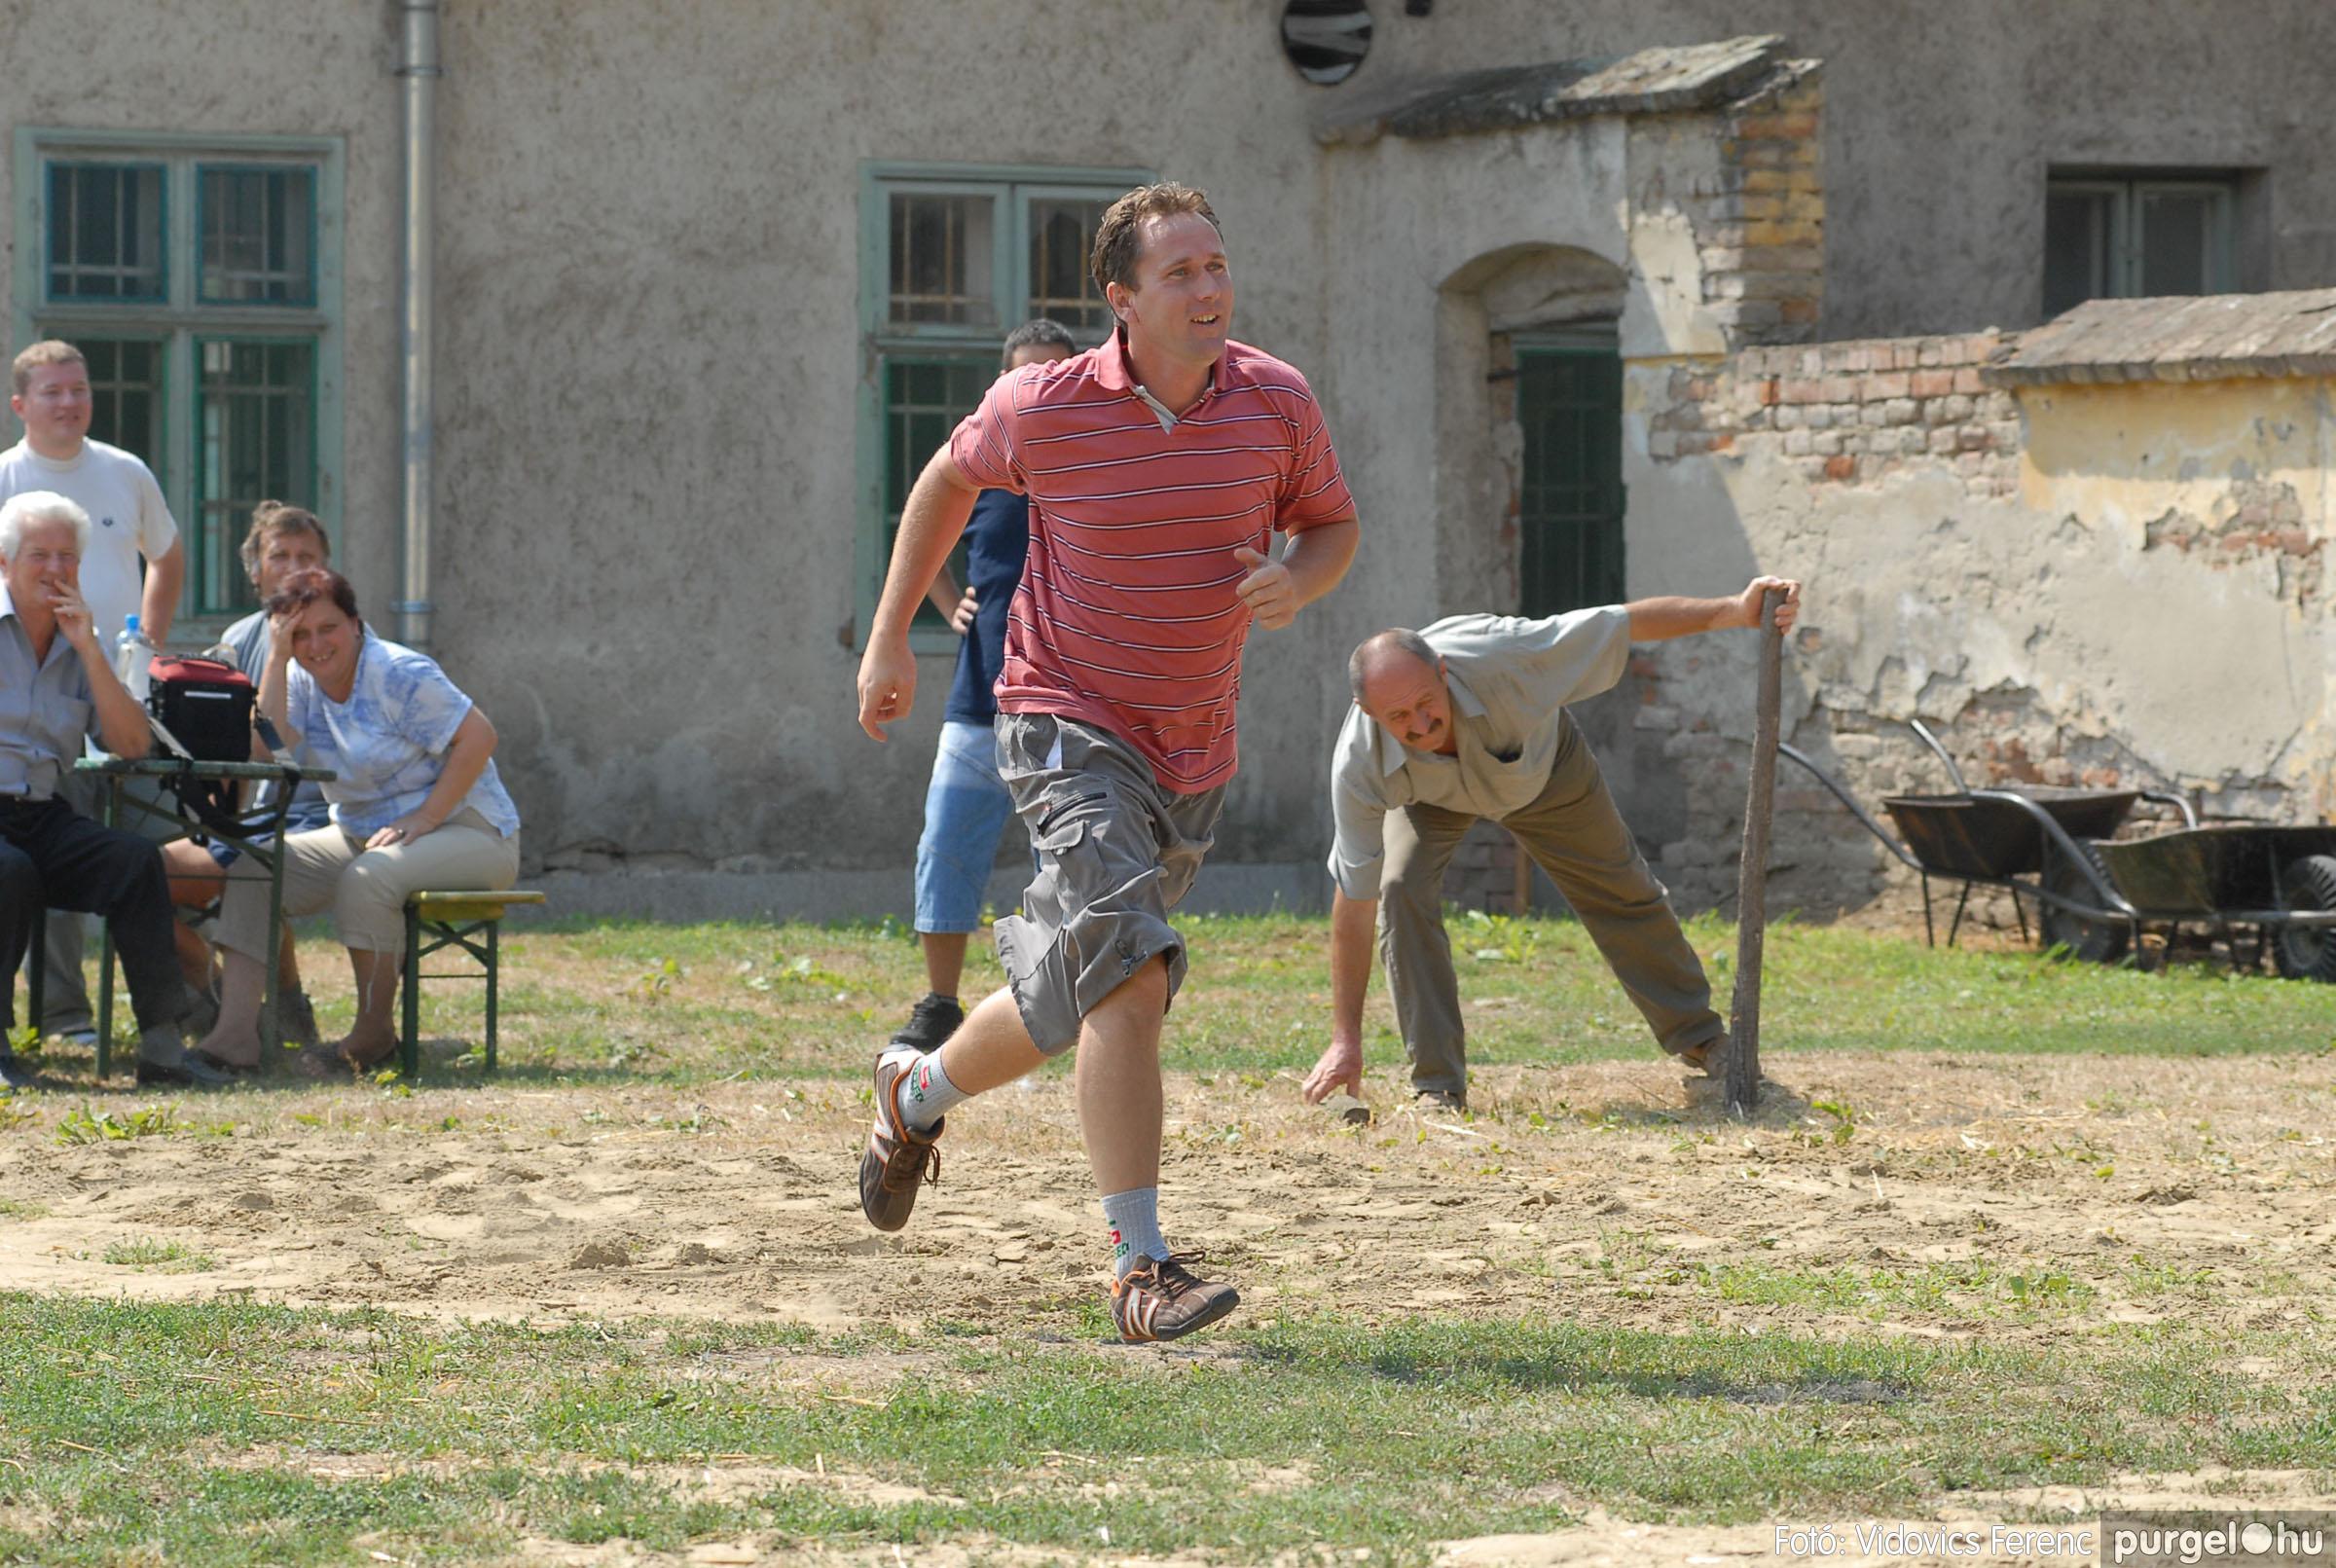 2007.08.18. 0192 Szegvári falunapok 2007. - 2. nap - Fotó:VIDOVICS FERENC© DSC_5660.jpg